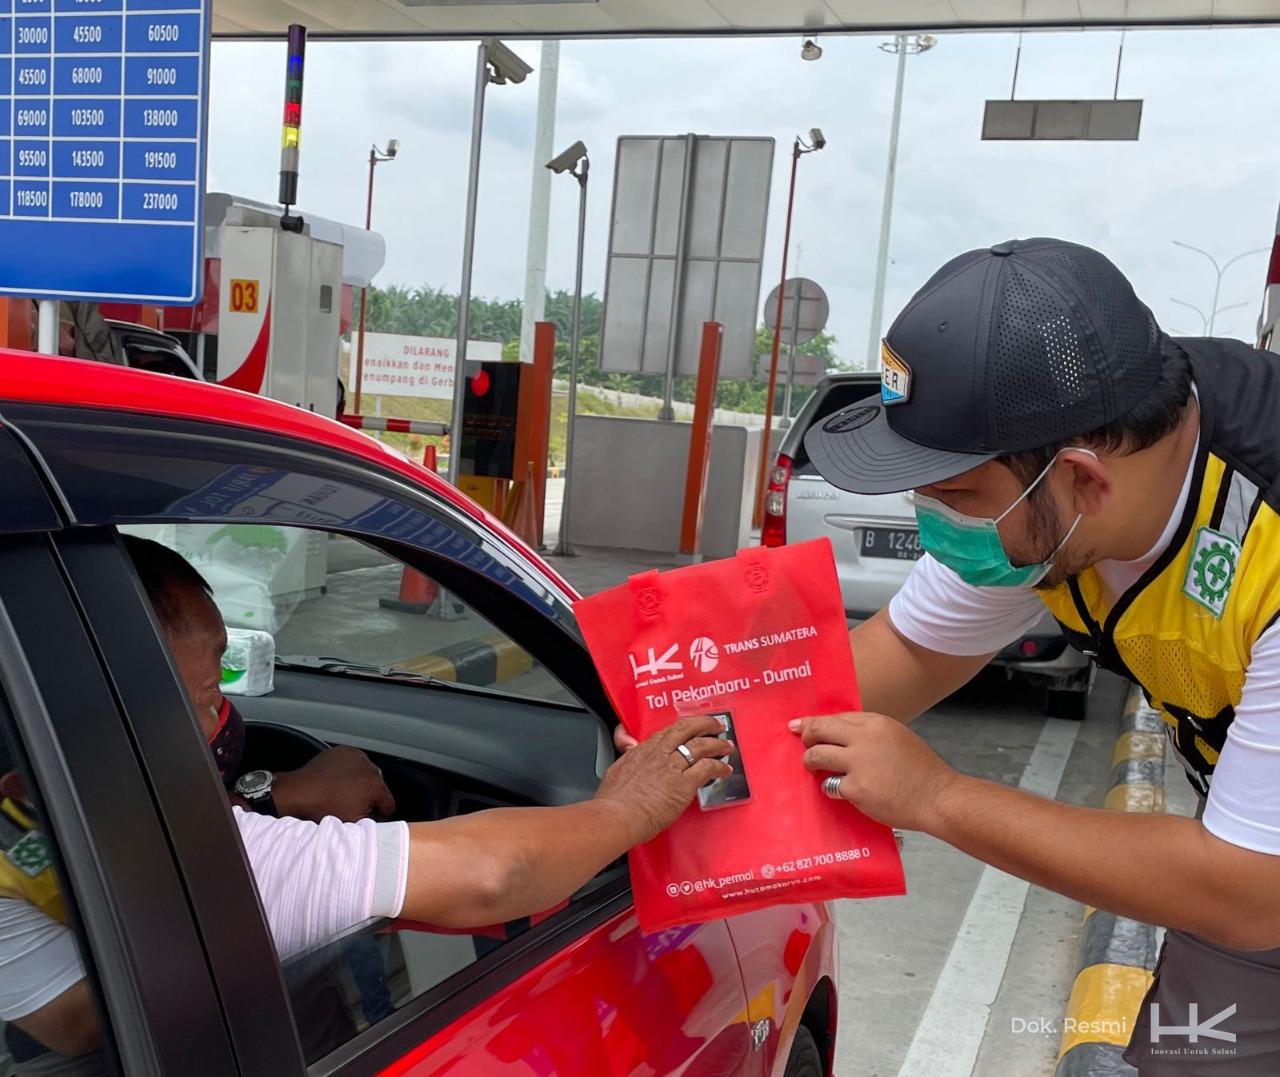 Hari Ini HK Bagi-Bagi Kartu Uang Elektronik di Seluruh Ruas Jalan Tol